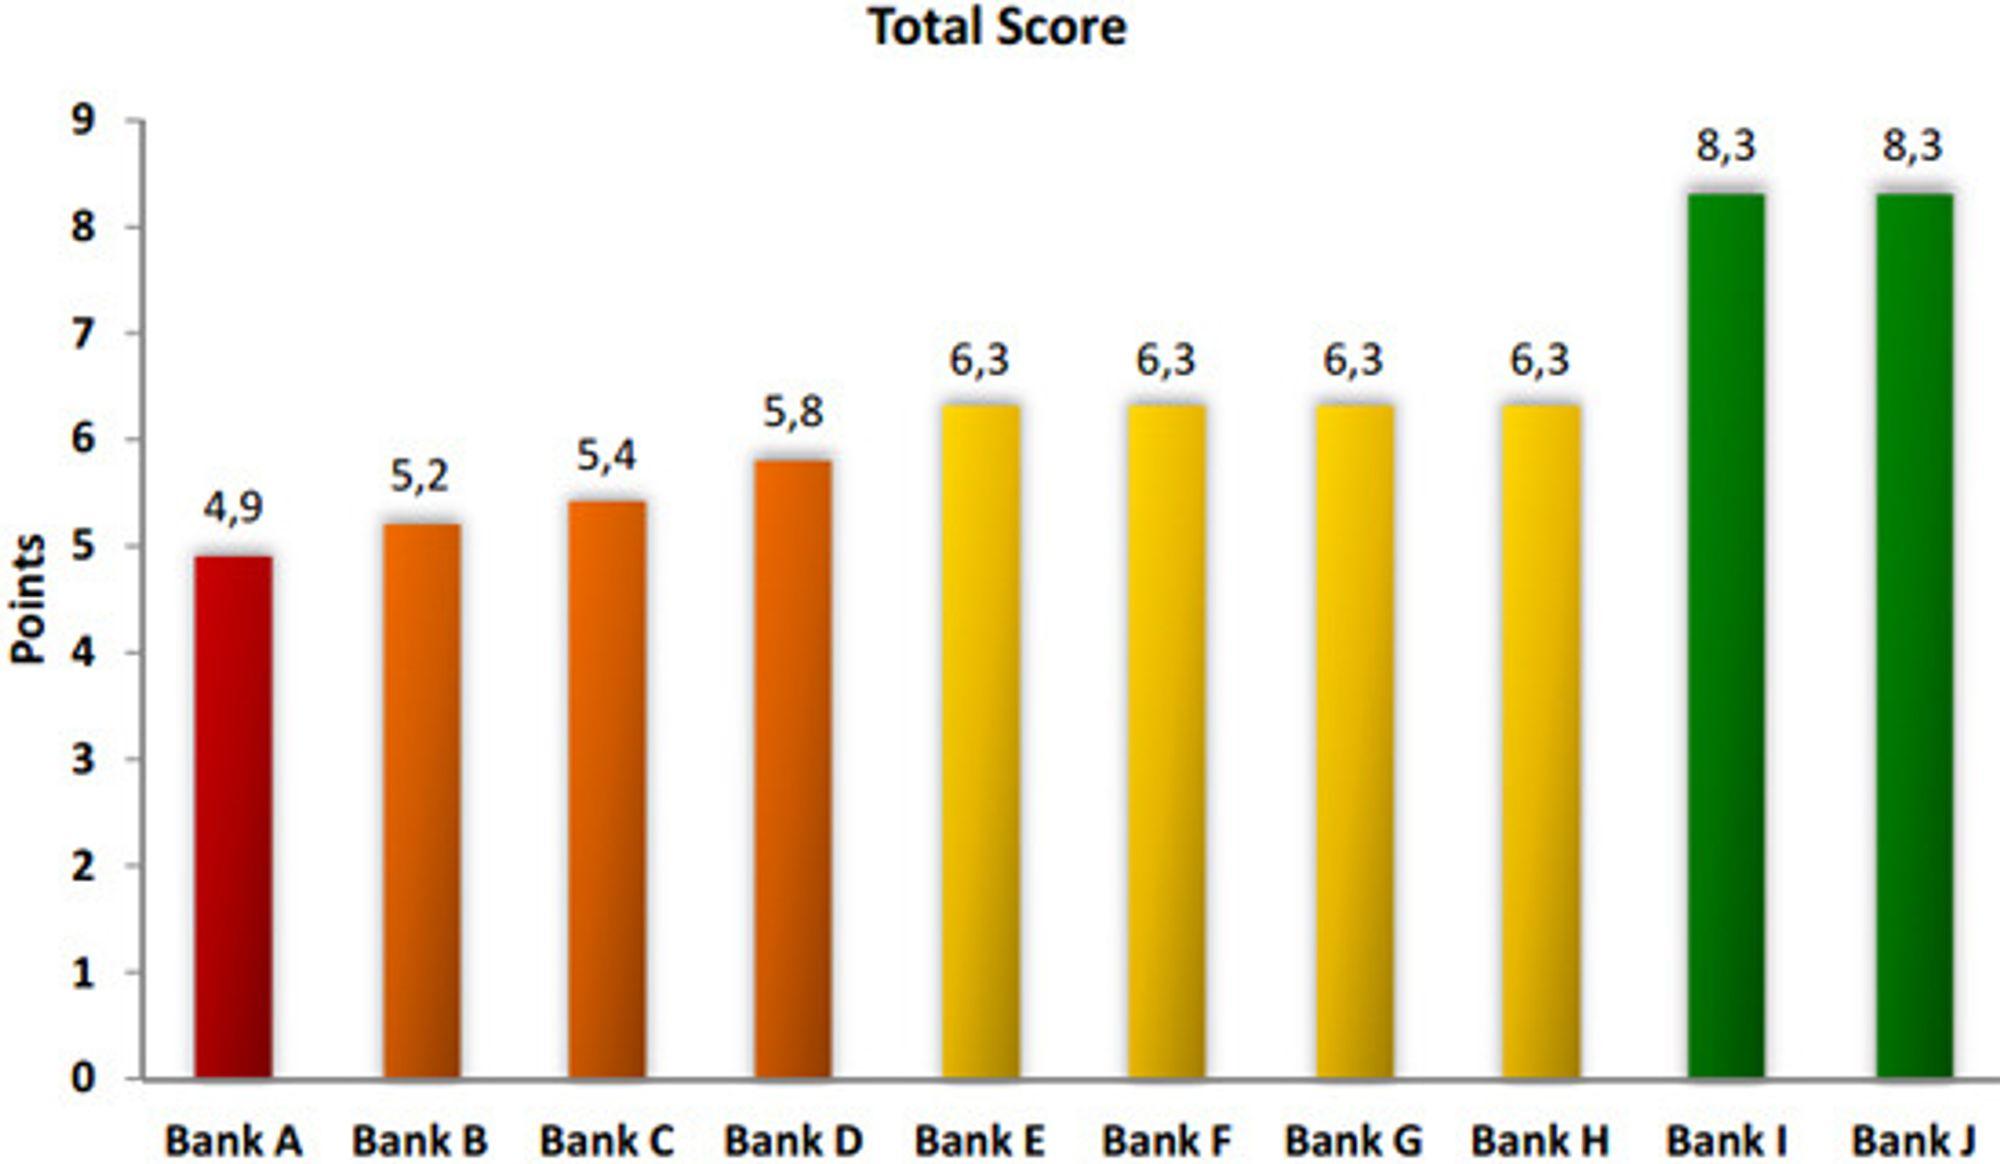 Bankene er gitt en samlet score fra 0 (dårligst) til 10 (best) i undersøkelsen.